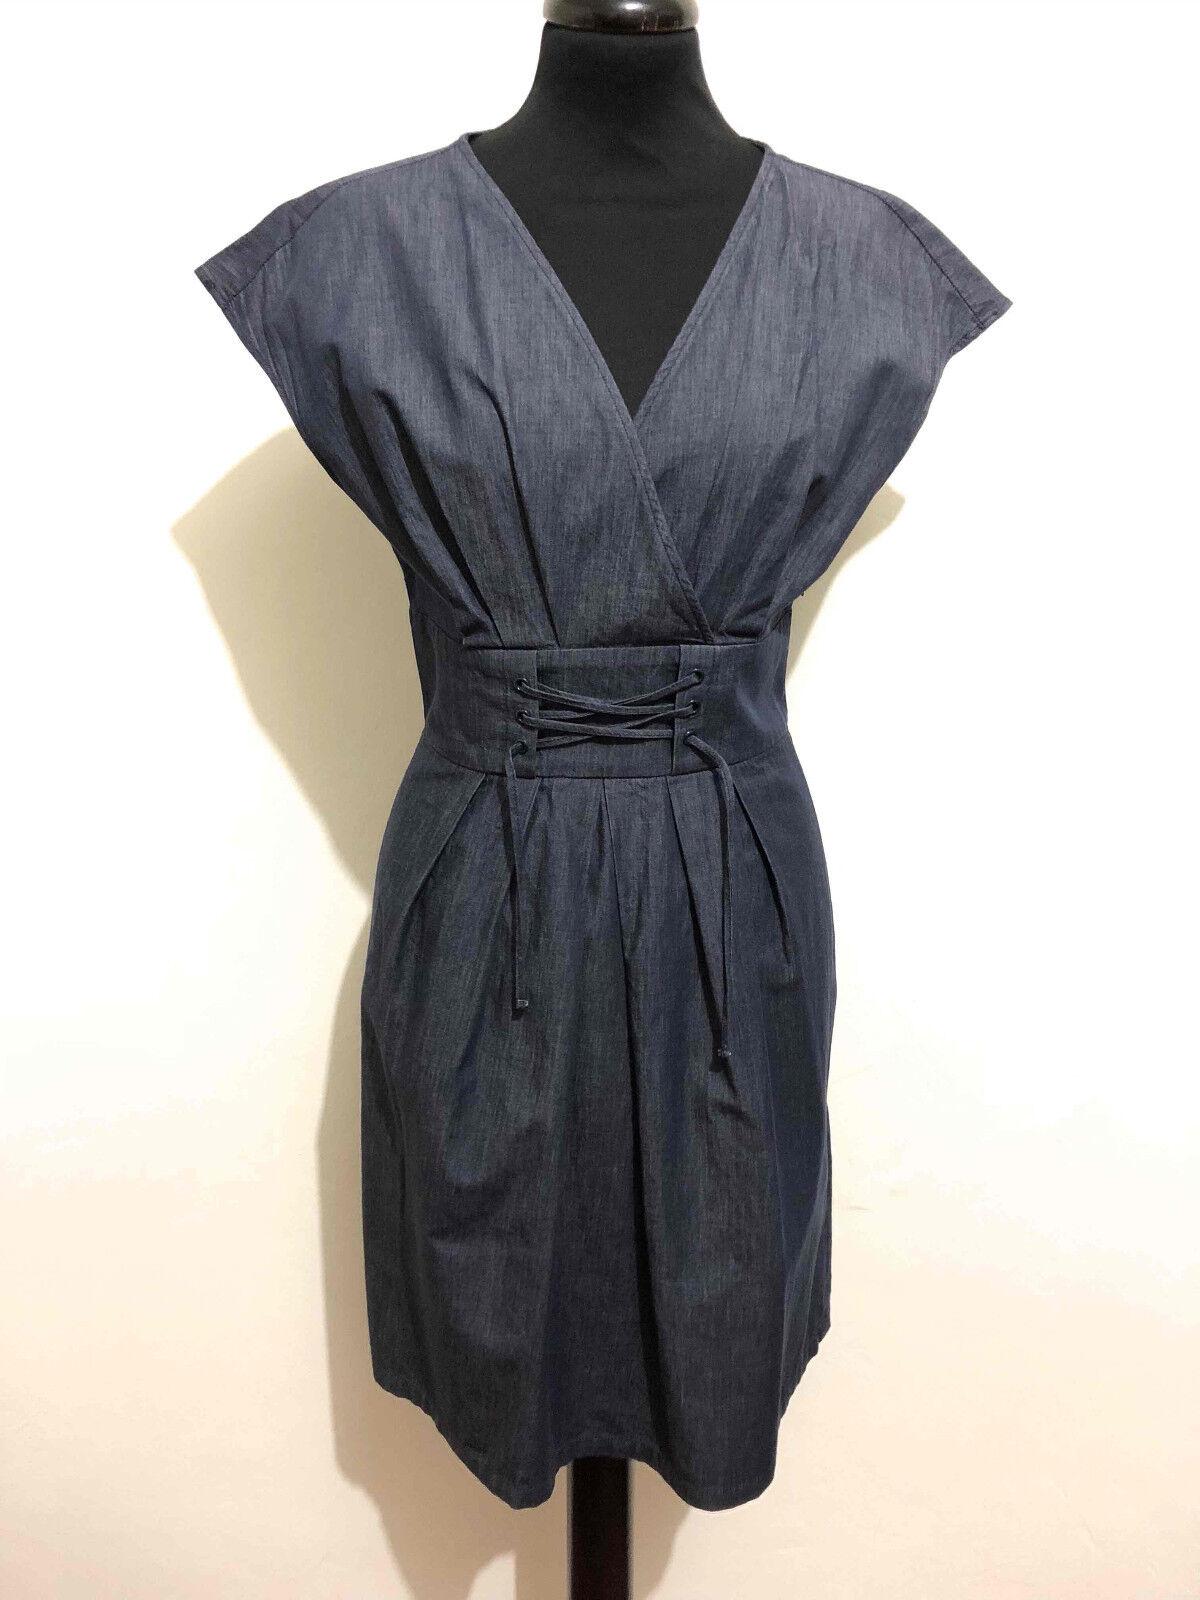 MAX & CO. Damenkleid Baumwolle Denim Denim Denim Cotton Frau Kleid SZ. xs - 38 | Deutschland München  | New Products  | Qualitätskönigin  5726a1